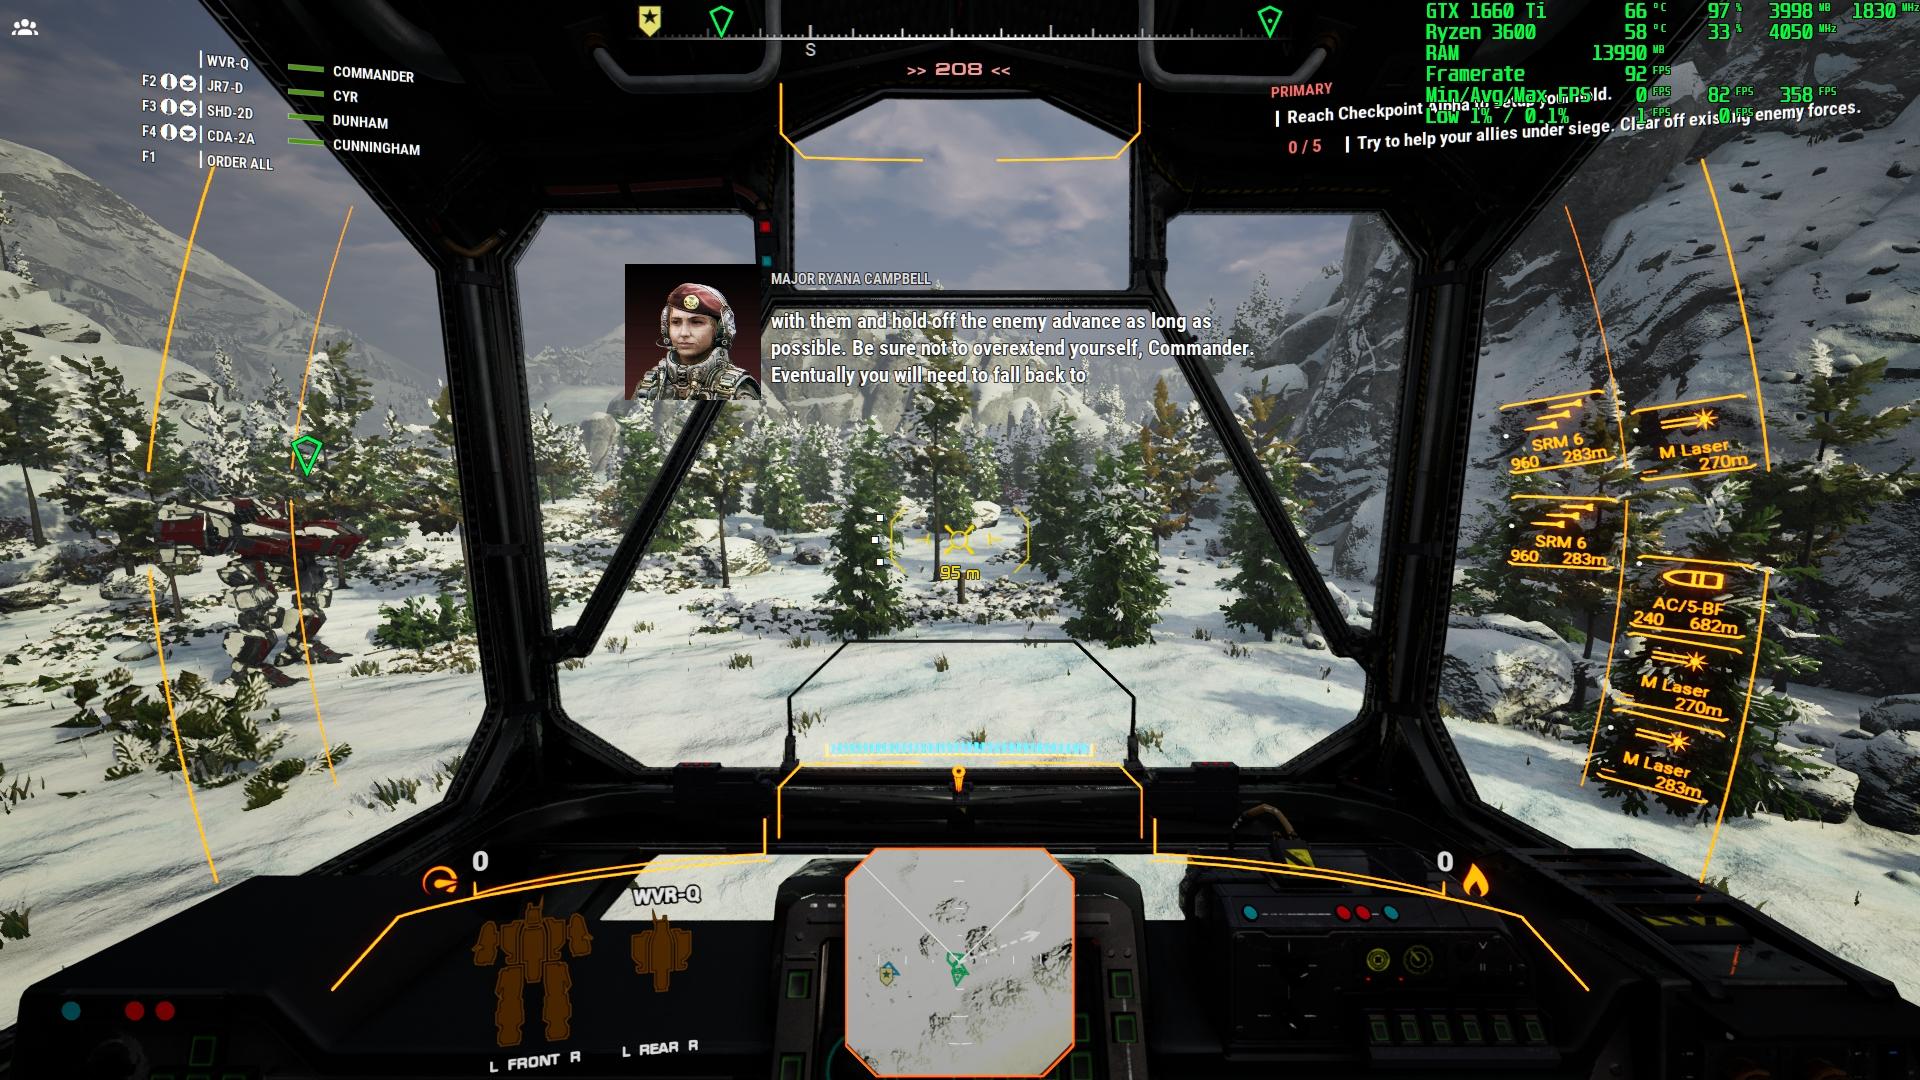 MechWarrior-Win64-Shipping_2020_05_13_00_56_26_192.jpg